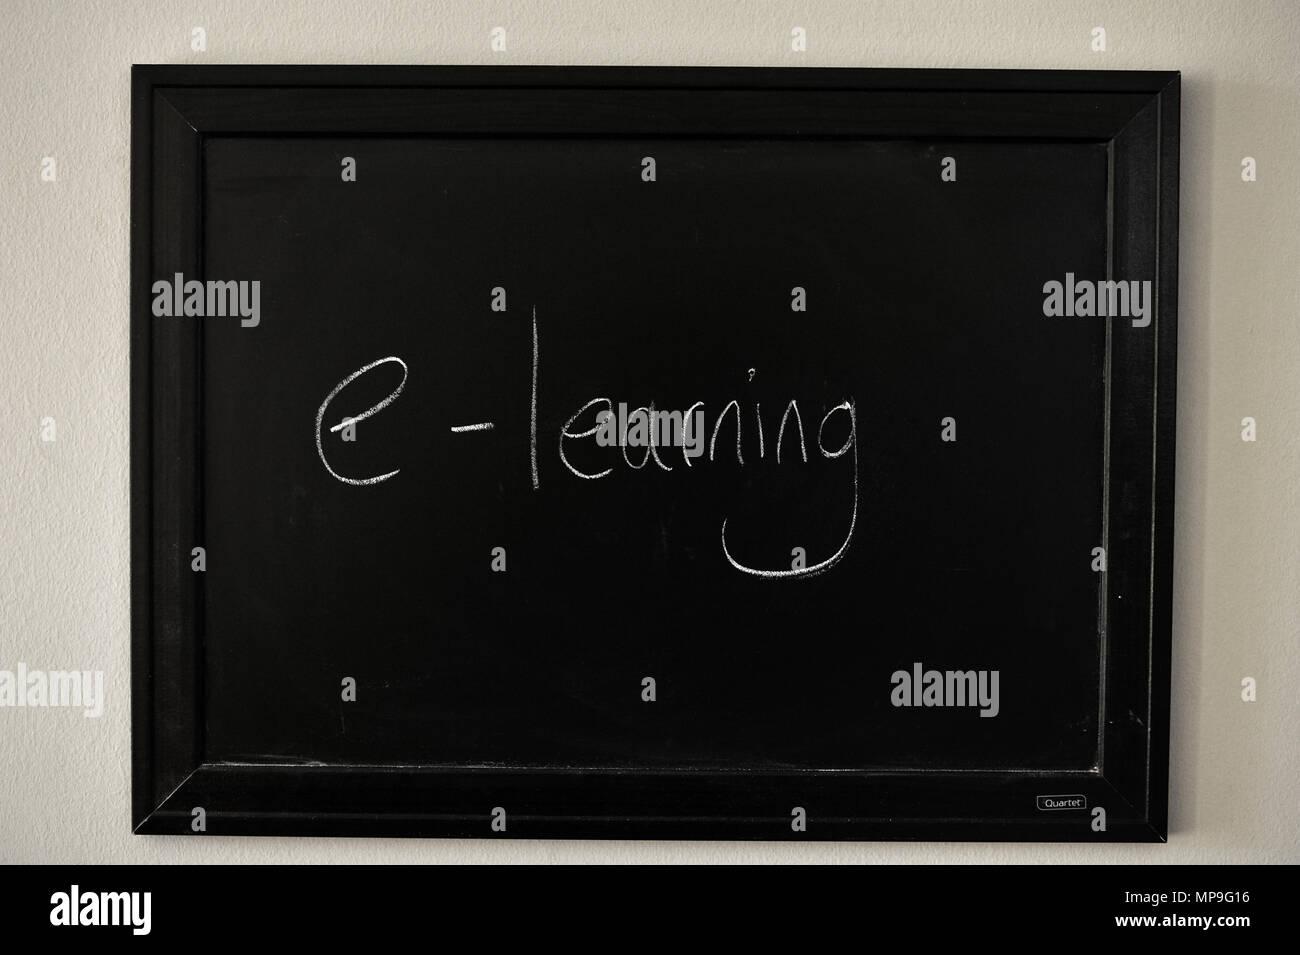 E-learning escritos en blanco tiza en una pizarra en la pared. Foto de stock